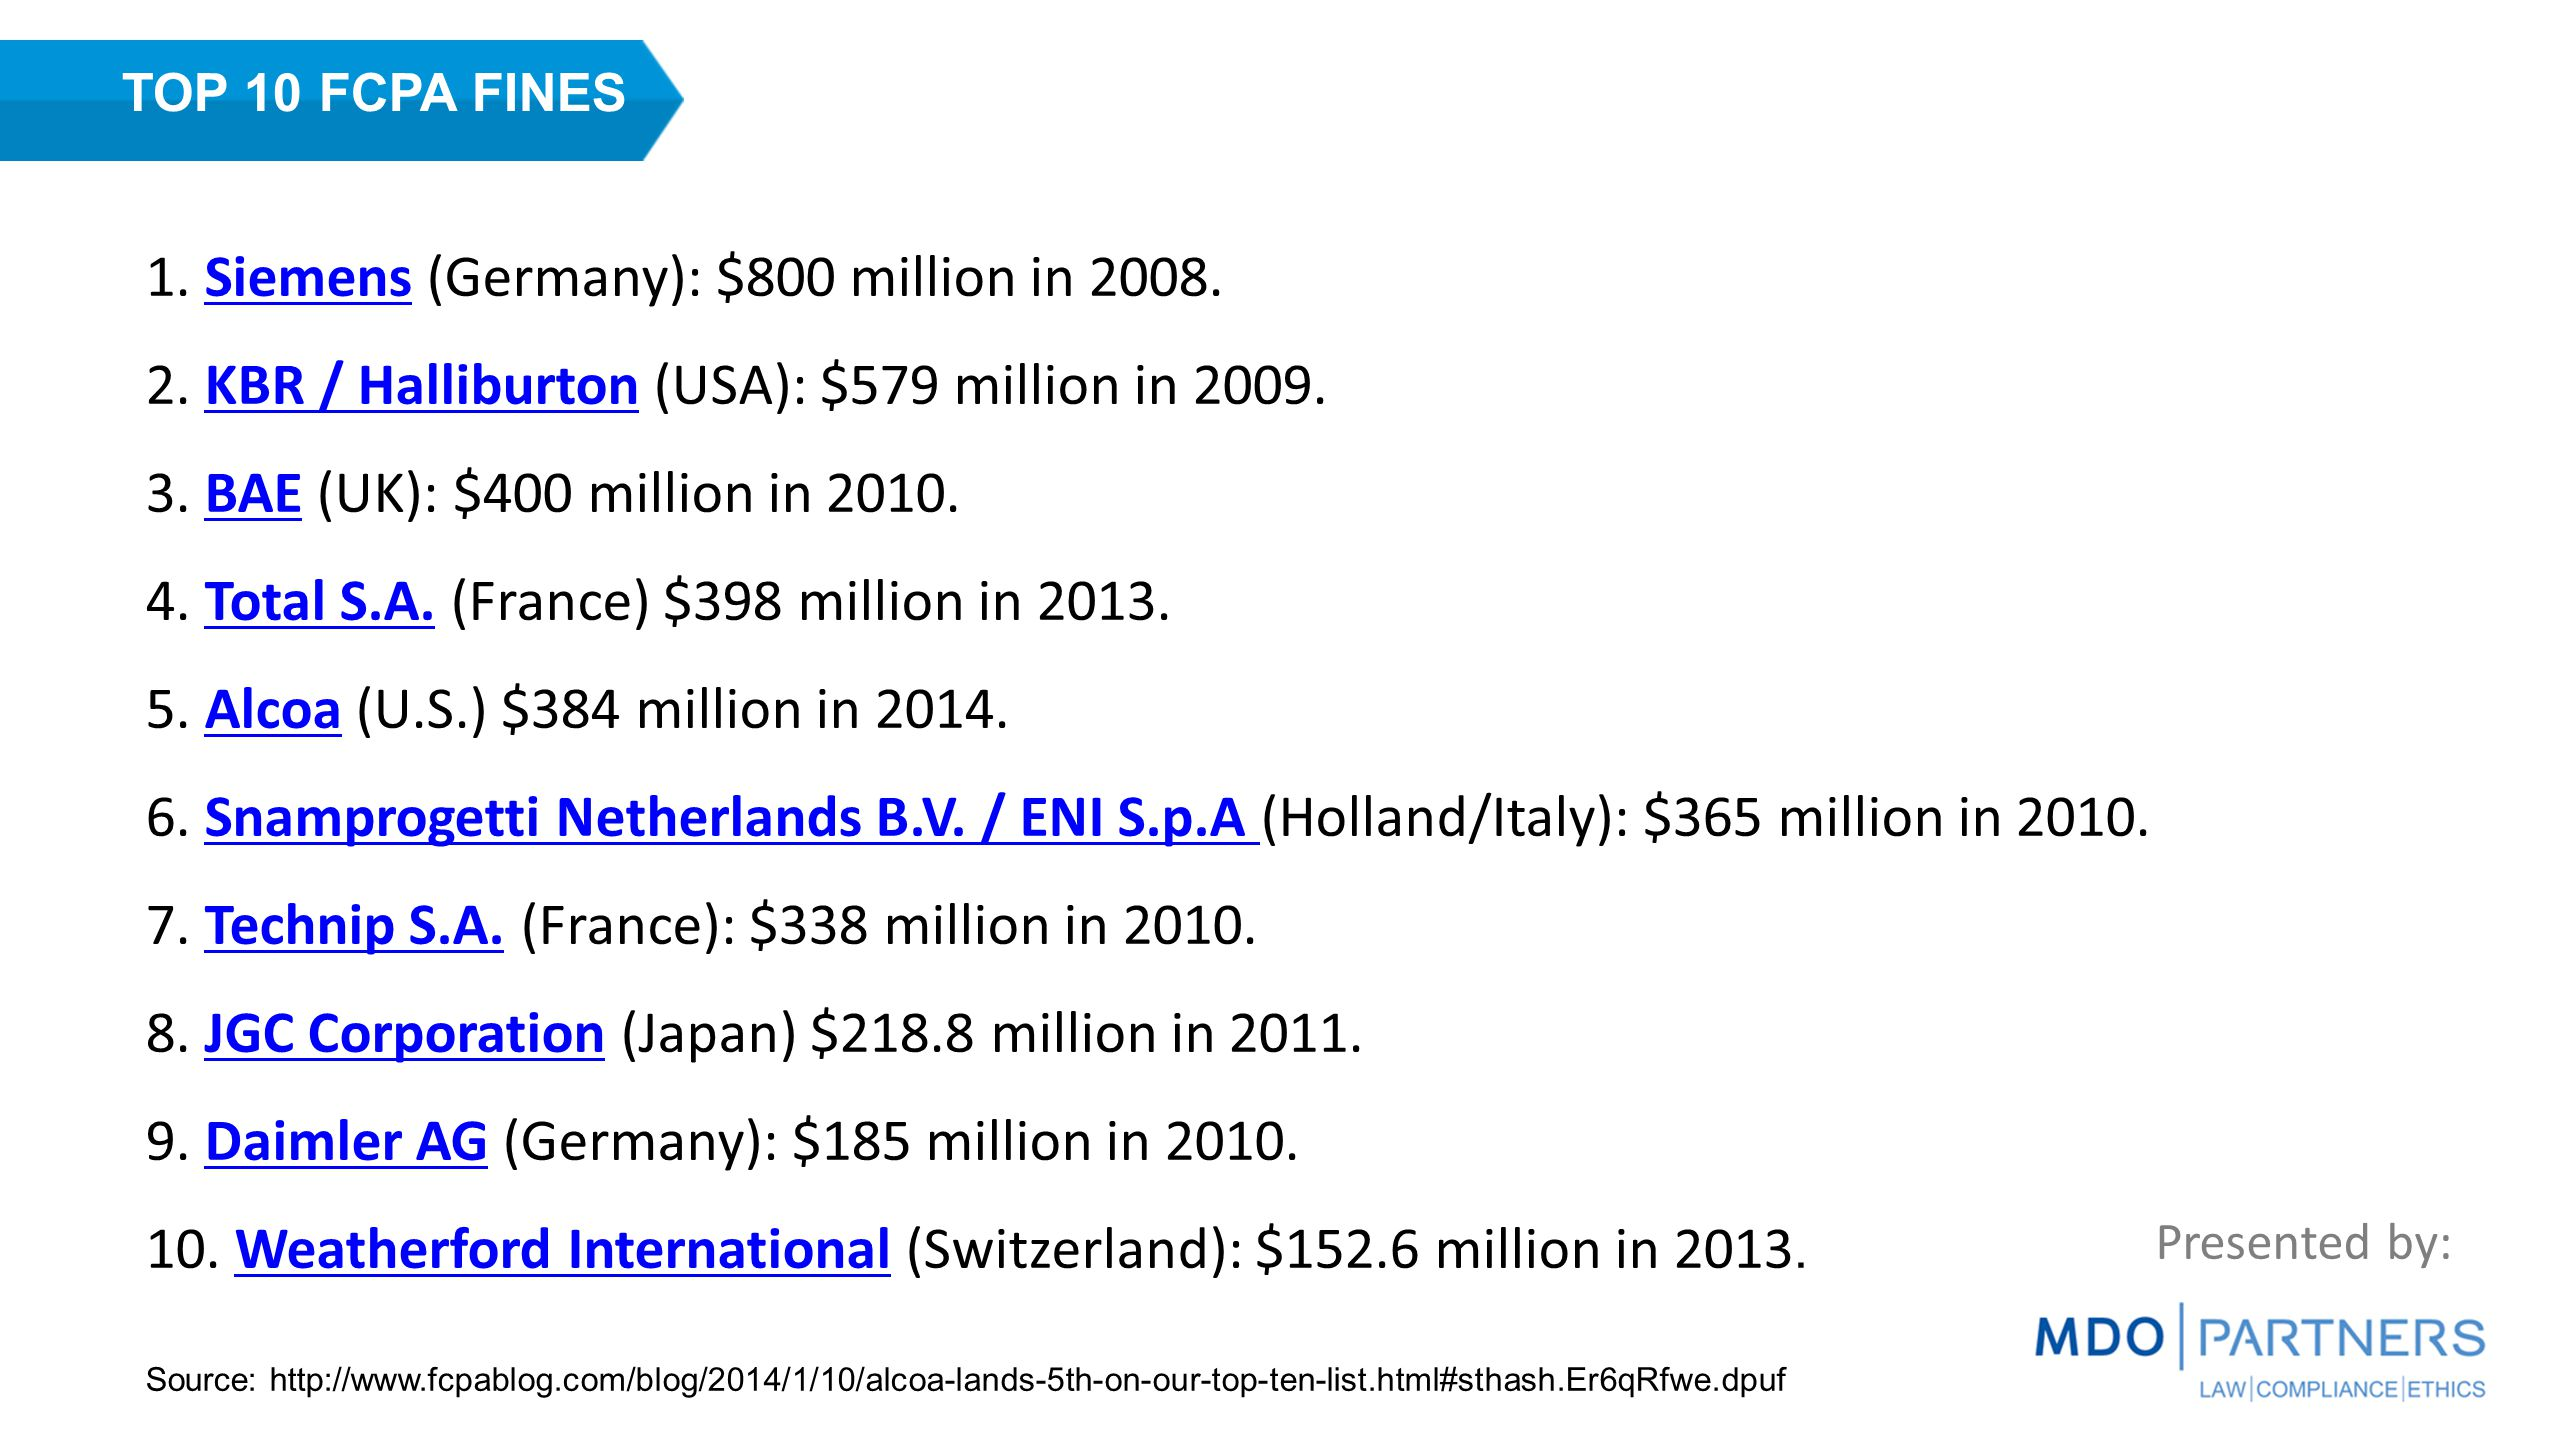 Presented by: TOP 10 FCPA FINES 10 1. Siemens (Germany): $800 million in 2008.Siemens 2. KBR / Halliburton (USA): $579 million in 2009.KBR / Halliburt